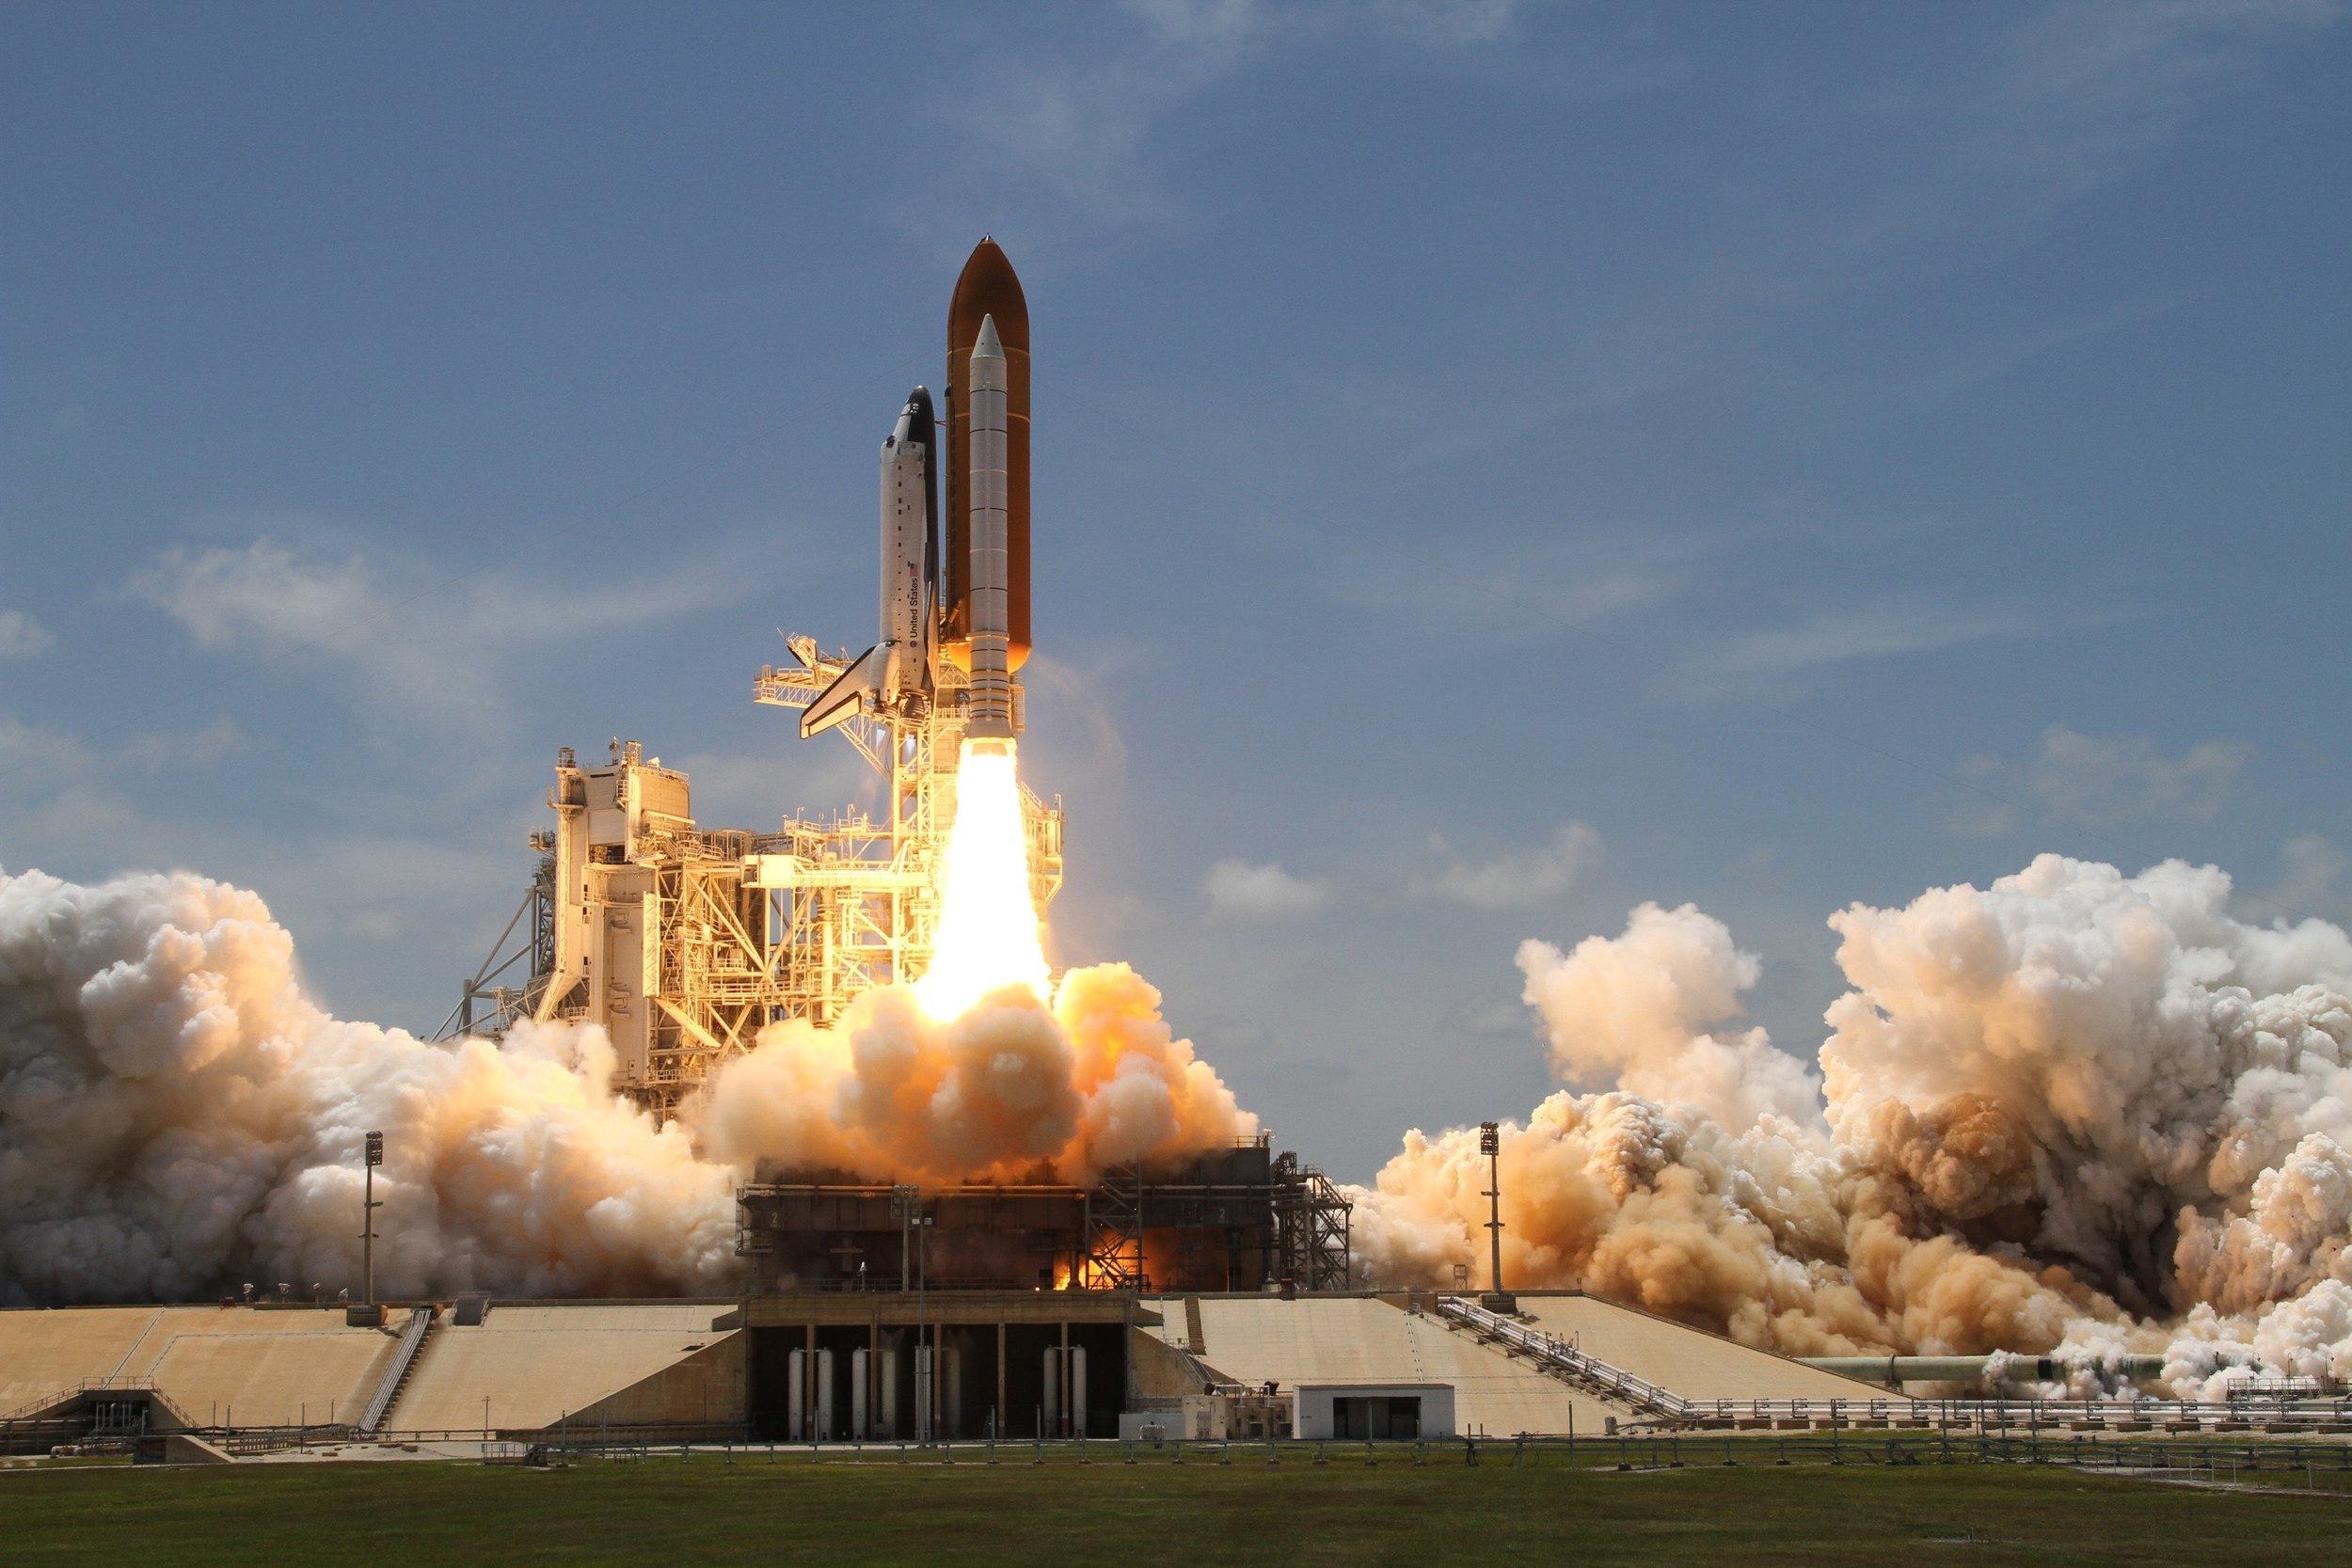 astronomy-explosion-flight-2166.jpg